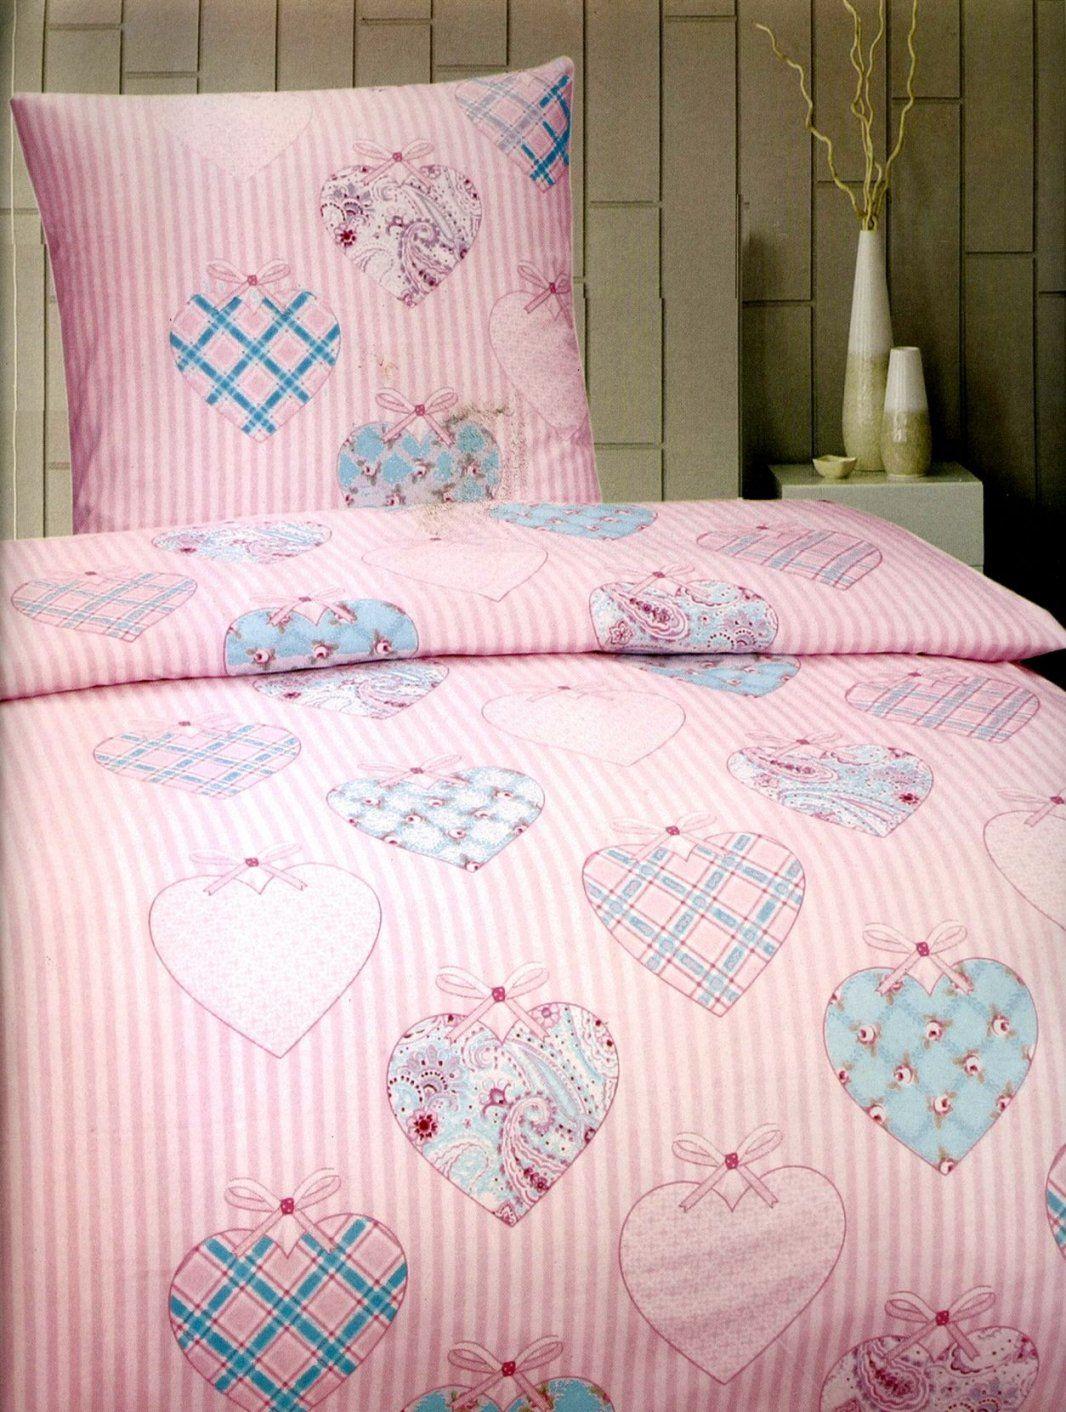 Fleece Bettwaesche Sets  Dibinekadar Decoration von Übergröße Bettwäsche Maße Bild